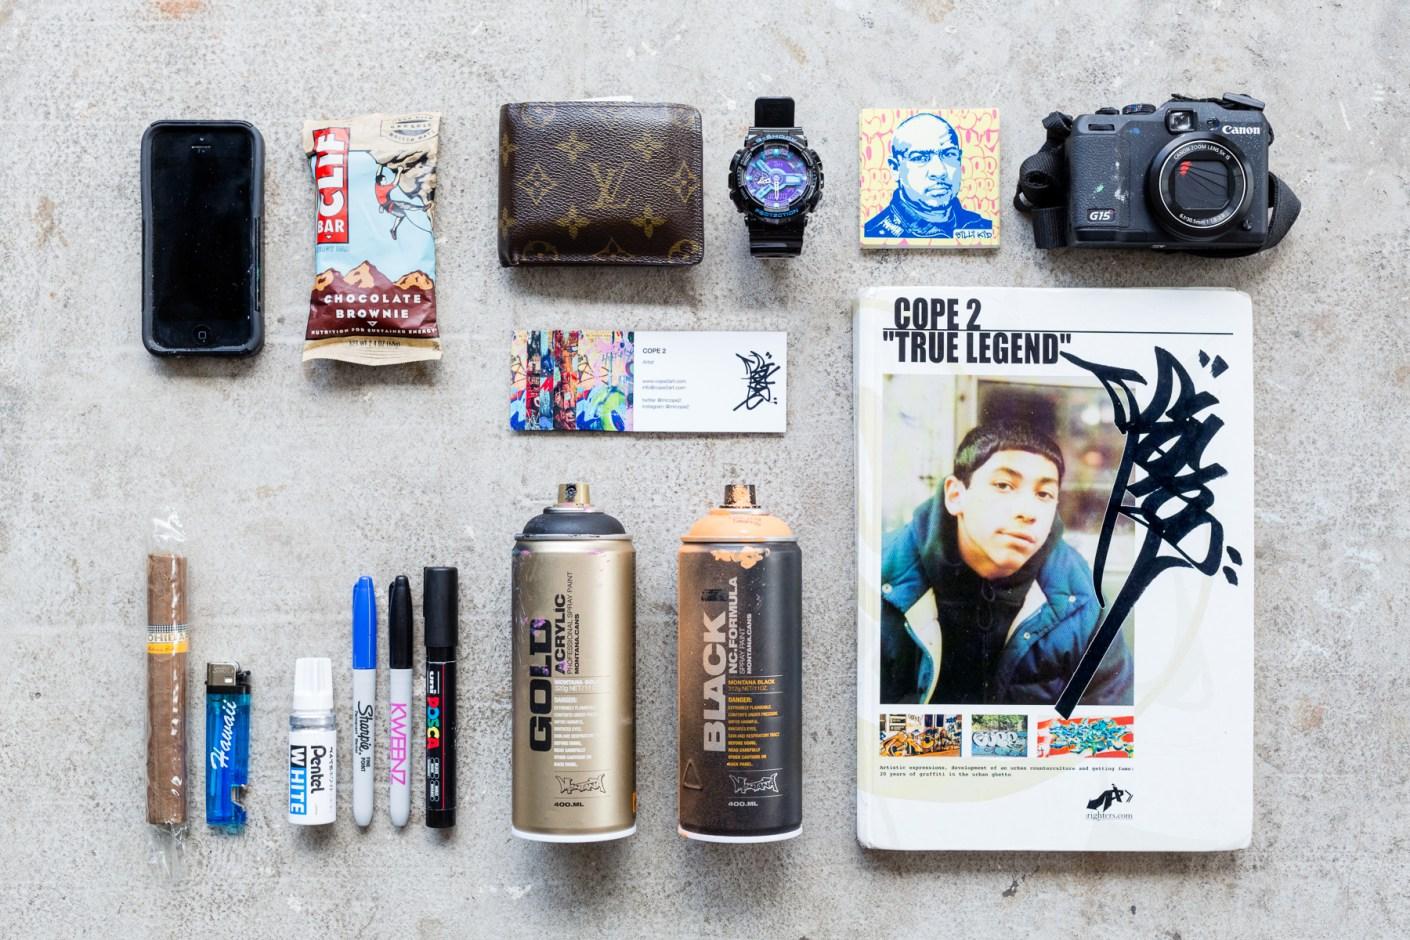 Image of Essentials: COPE2